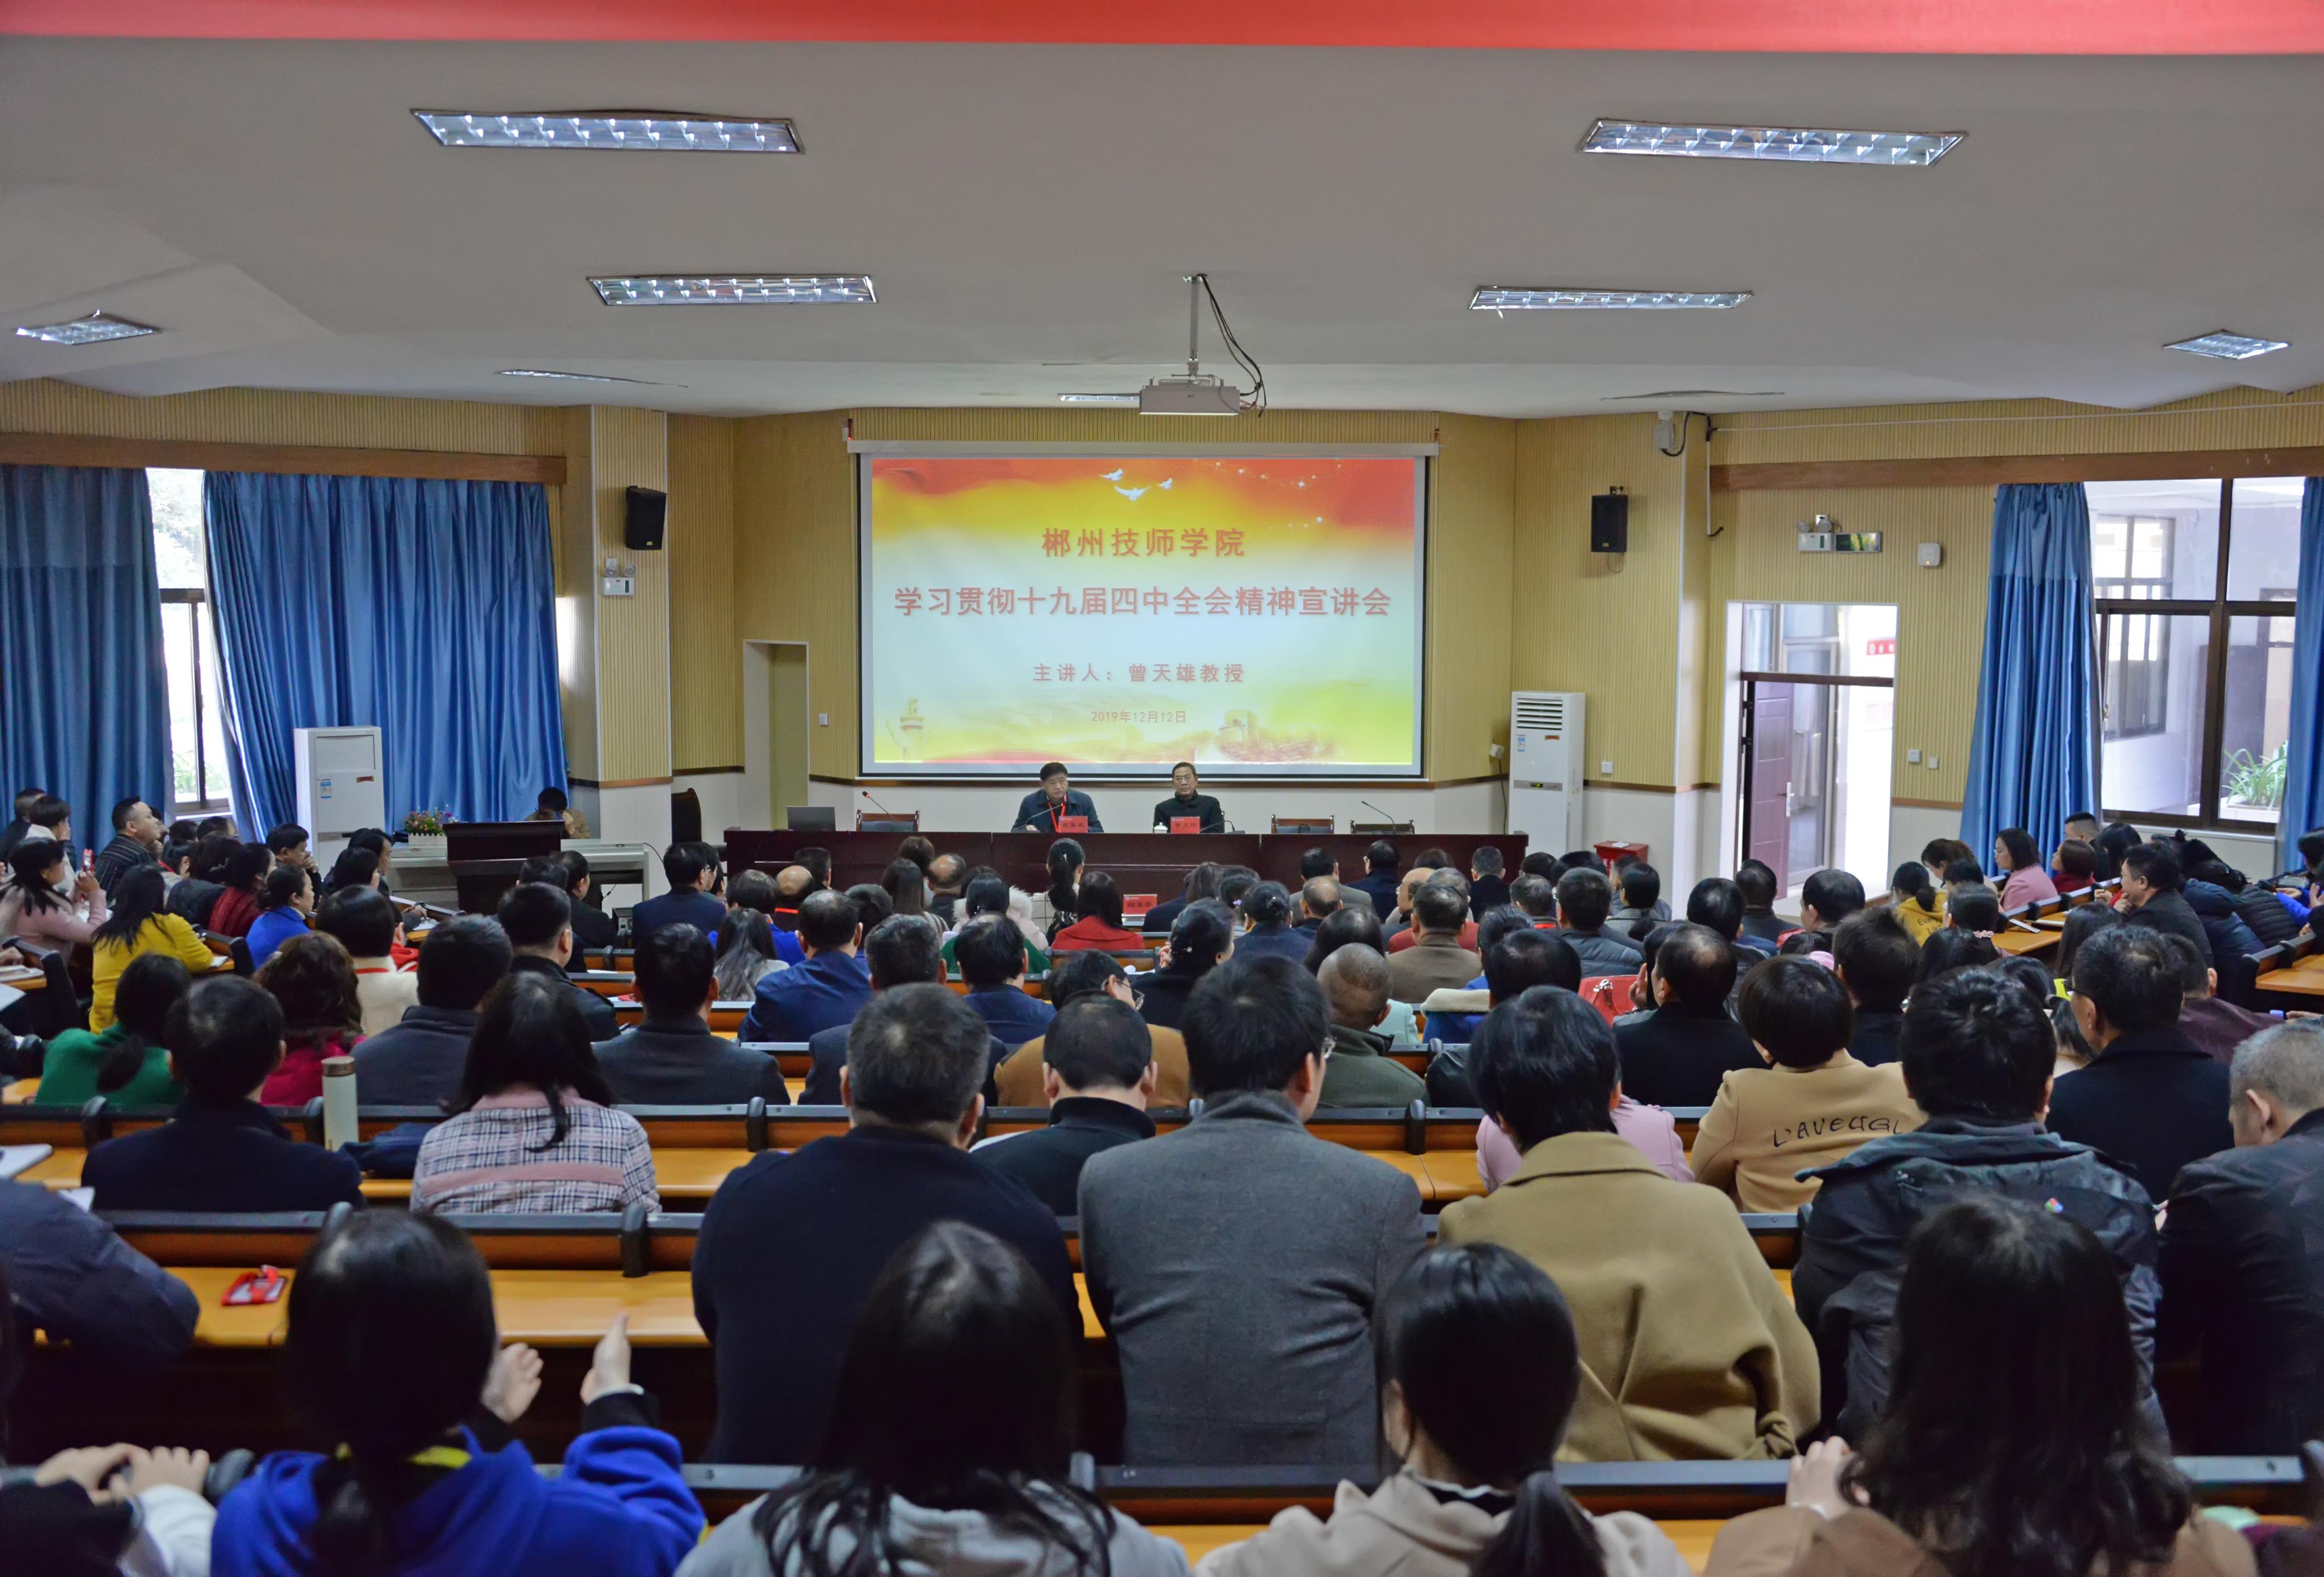 學院舉辦黨的十九屆四中全會精神宣講會